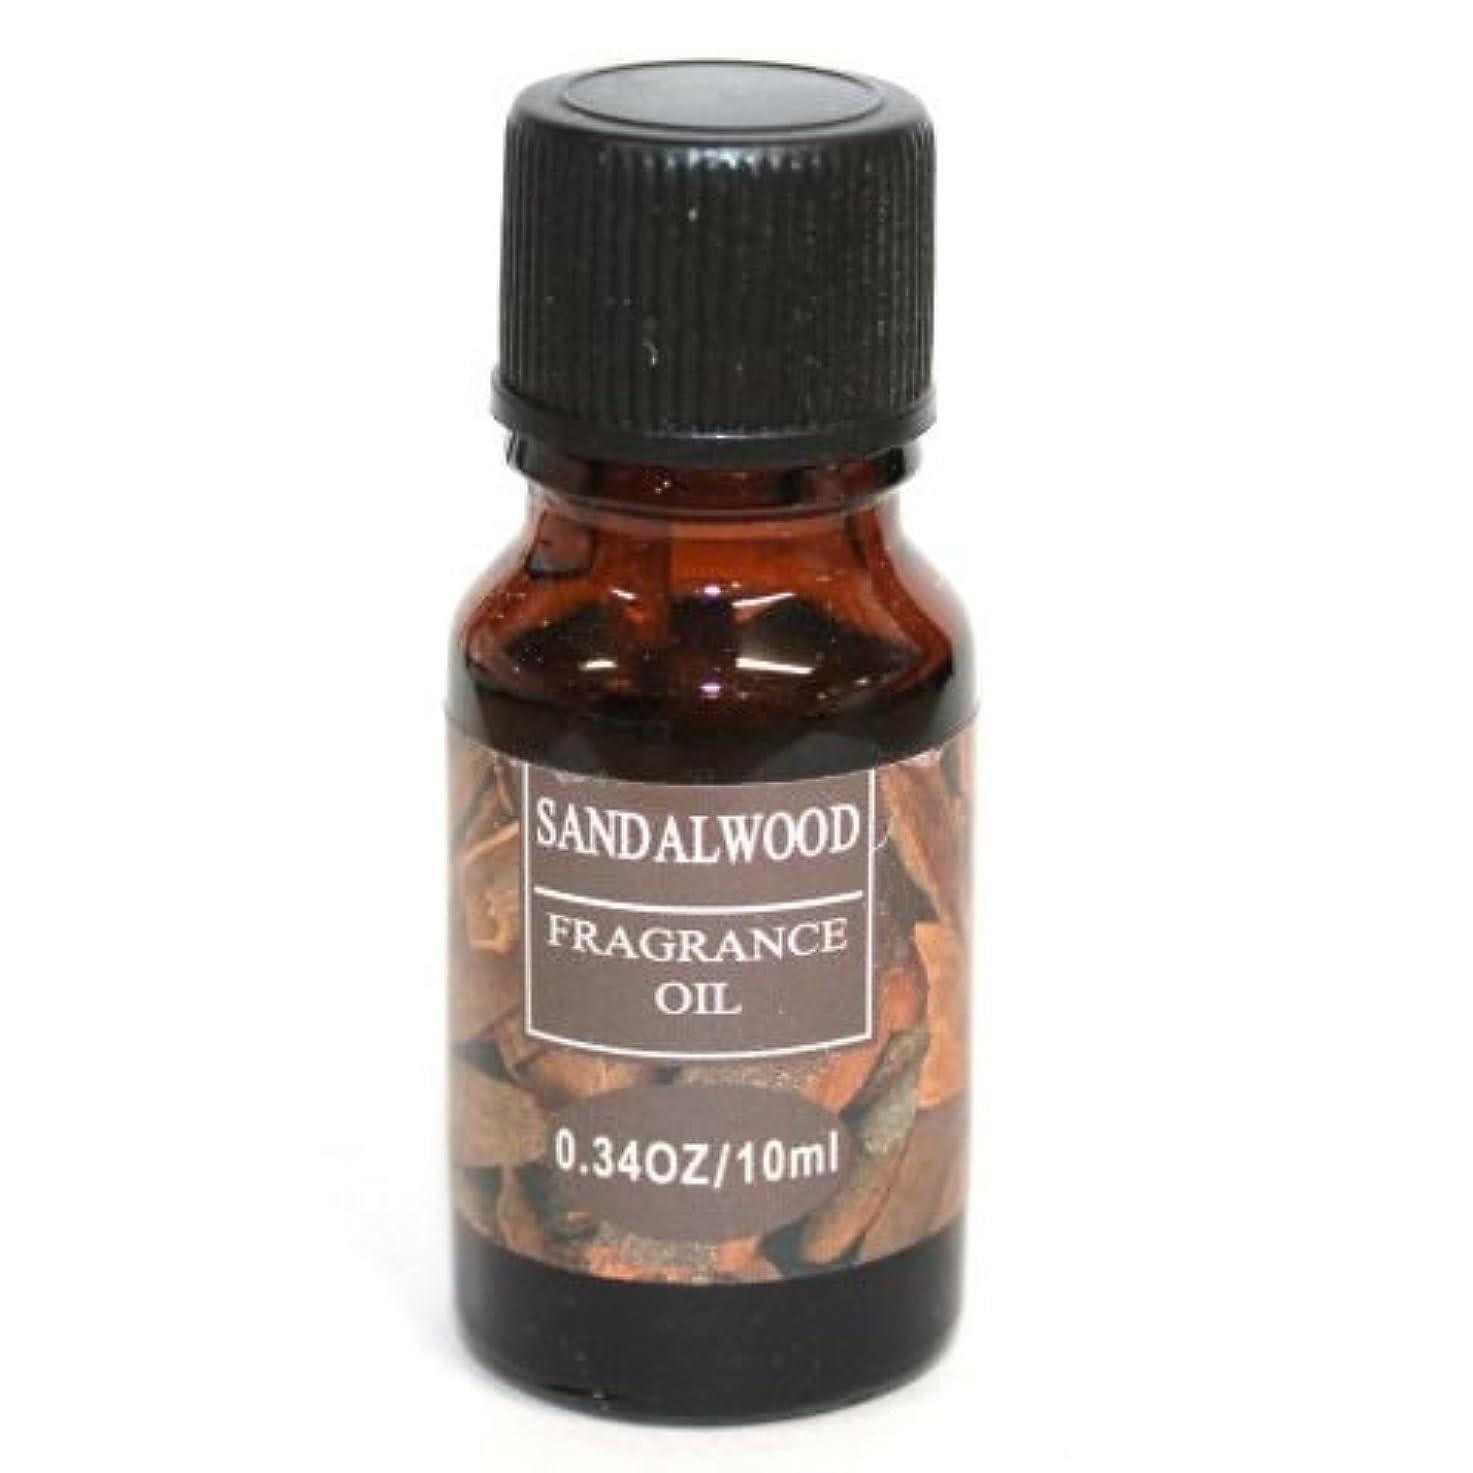 議題ショット意気揚々RELAXING アロマオイル フレグランスオイル サンダルウッドの香り ビャクダン (白檀) RQ-03